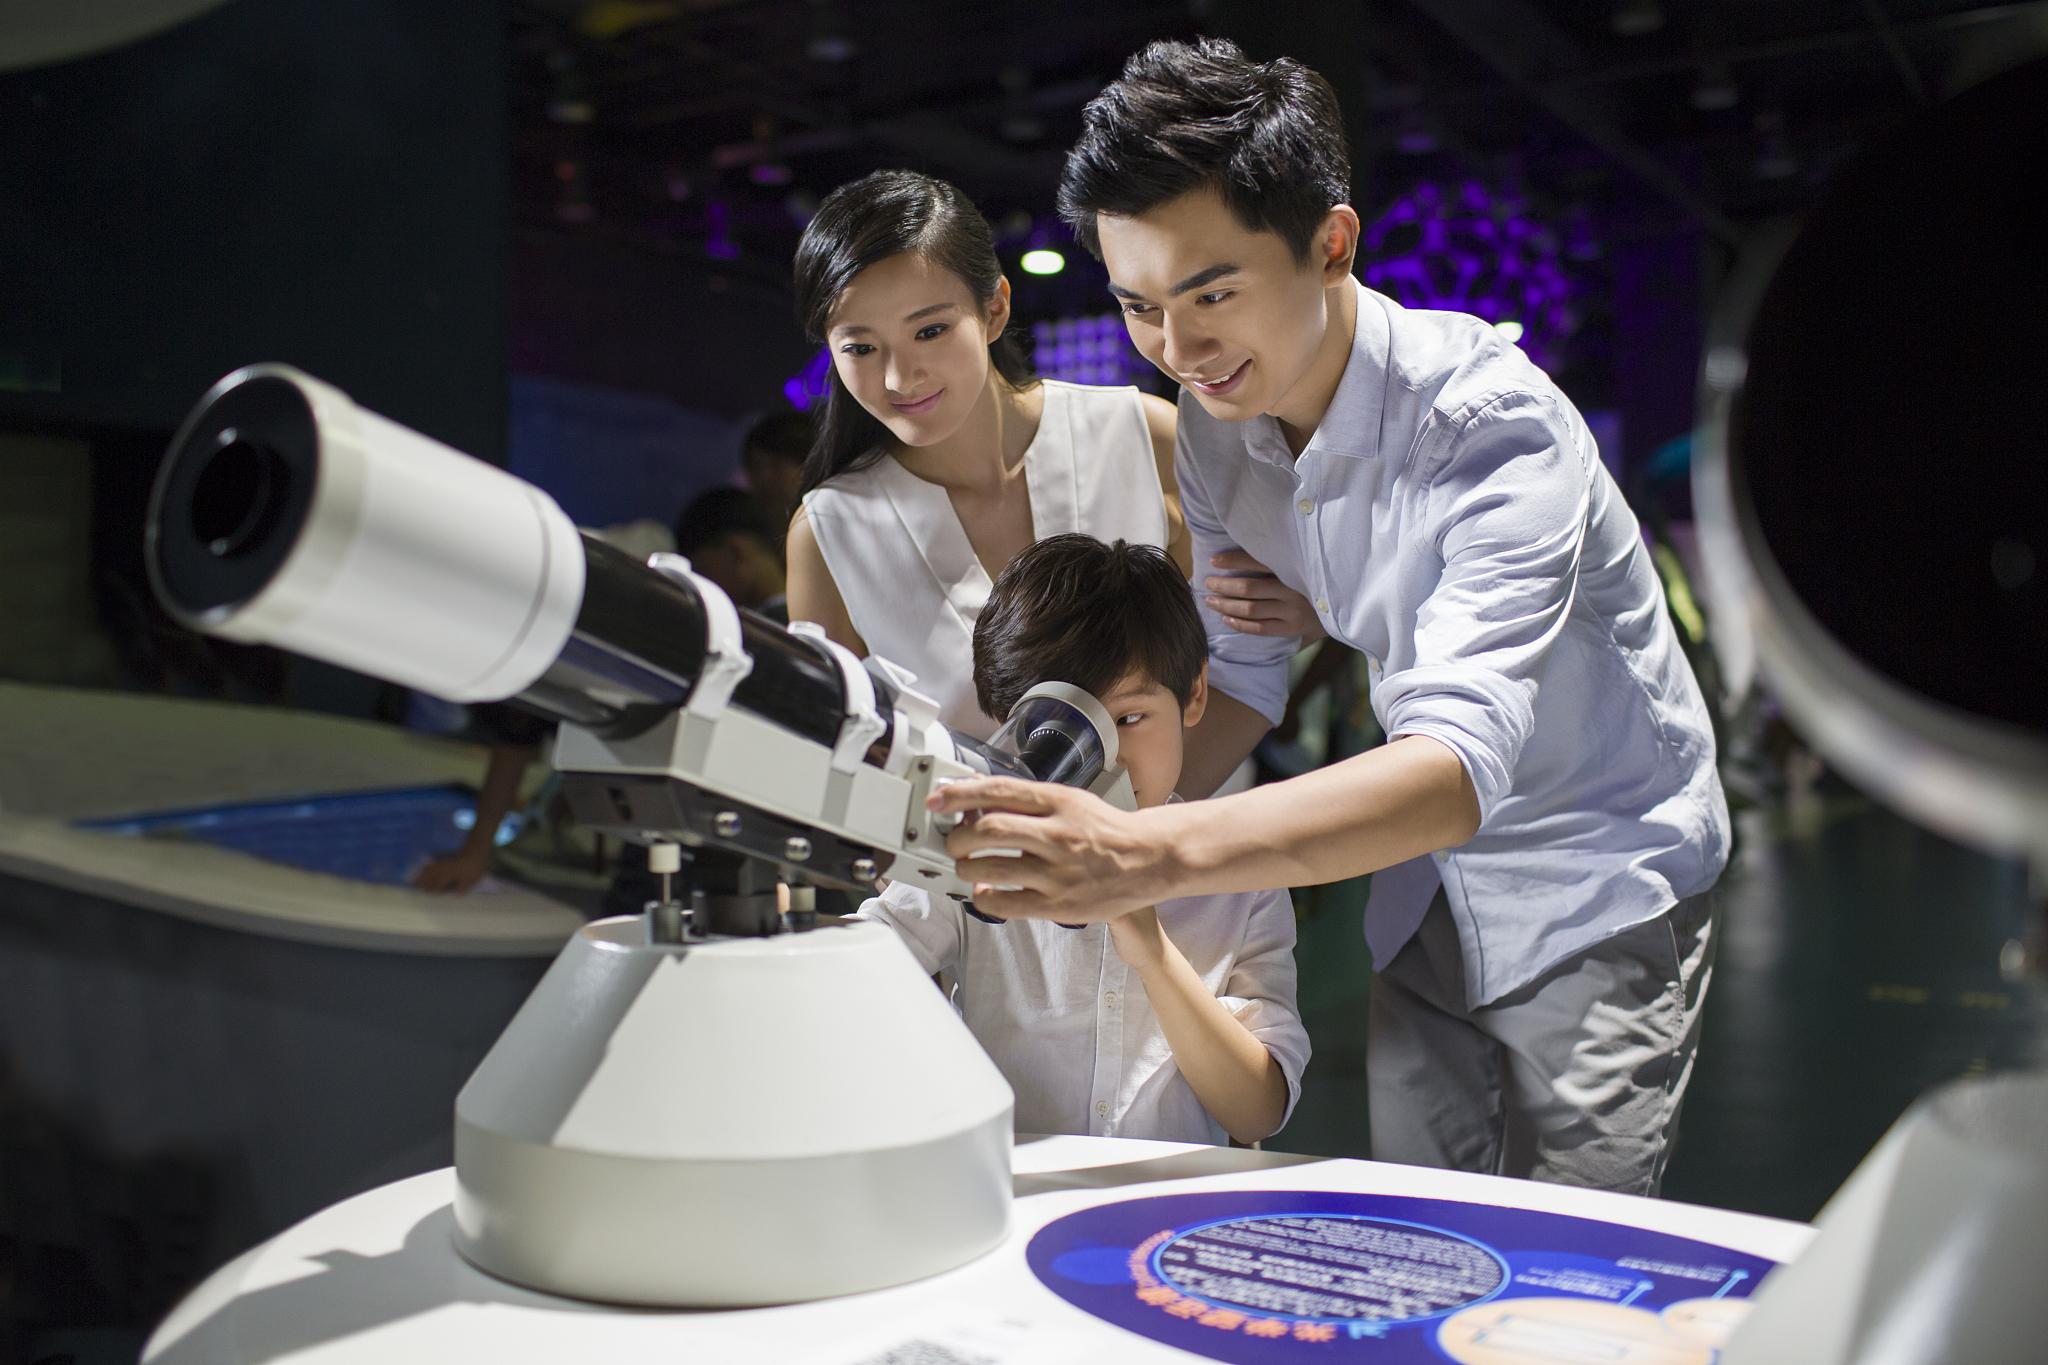 中国科学技术馆旅游景点图片